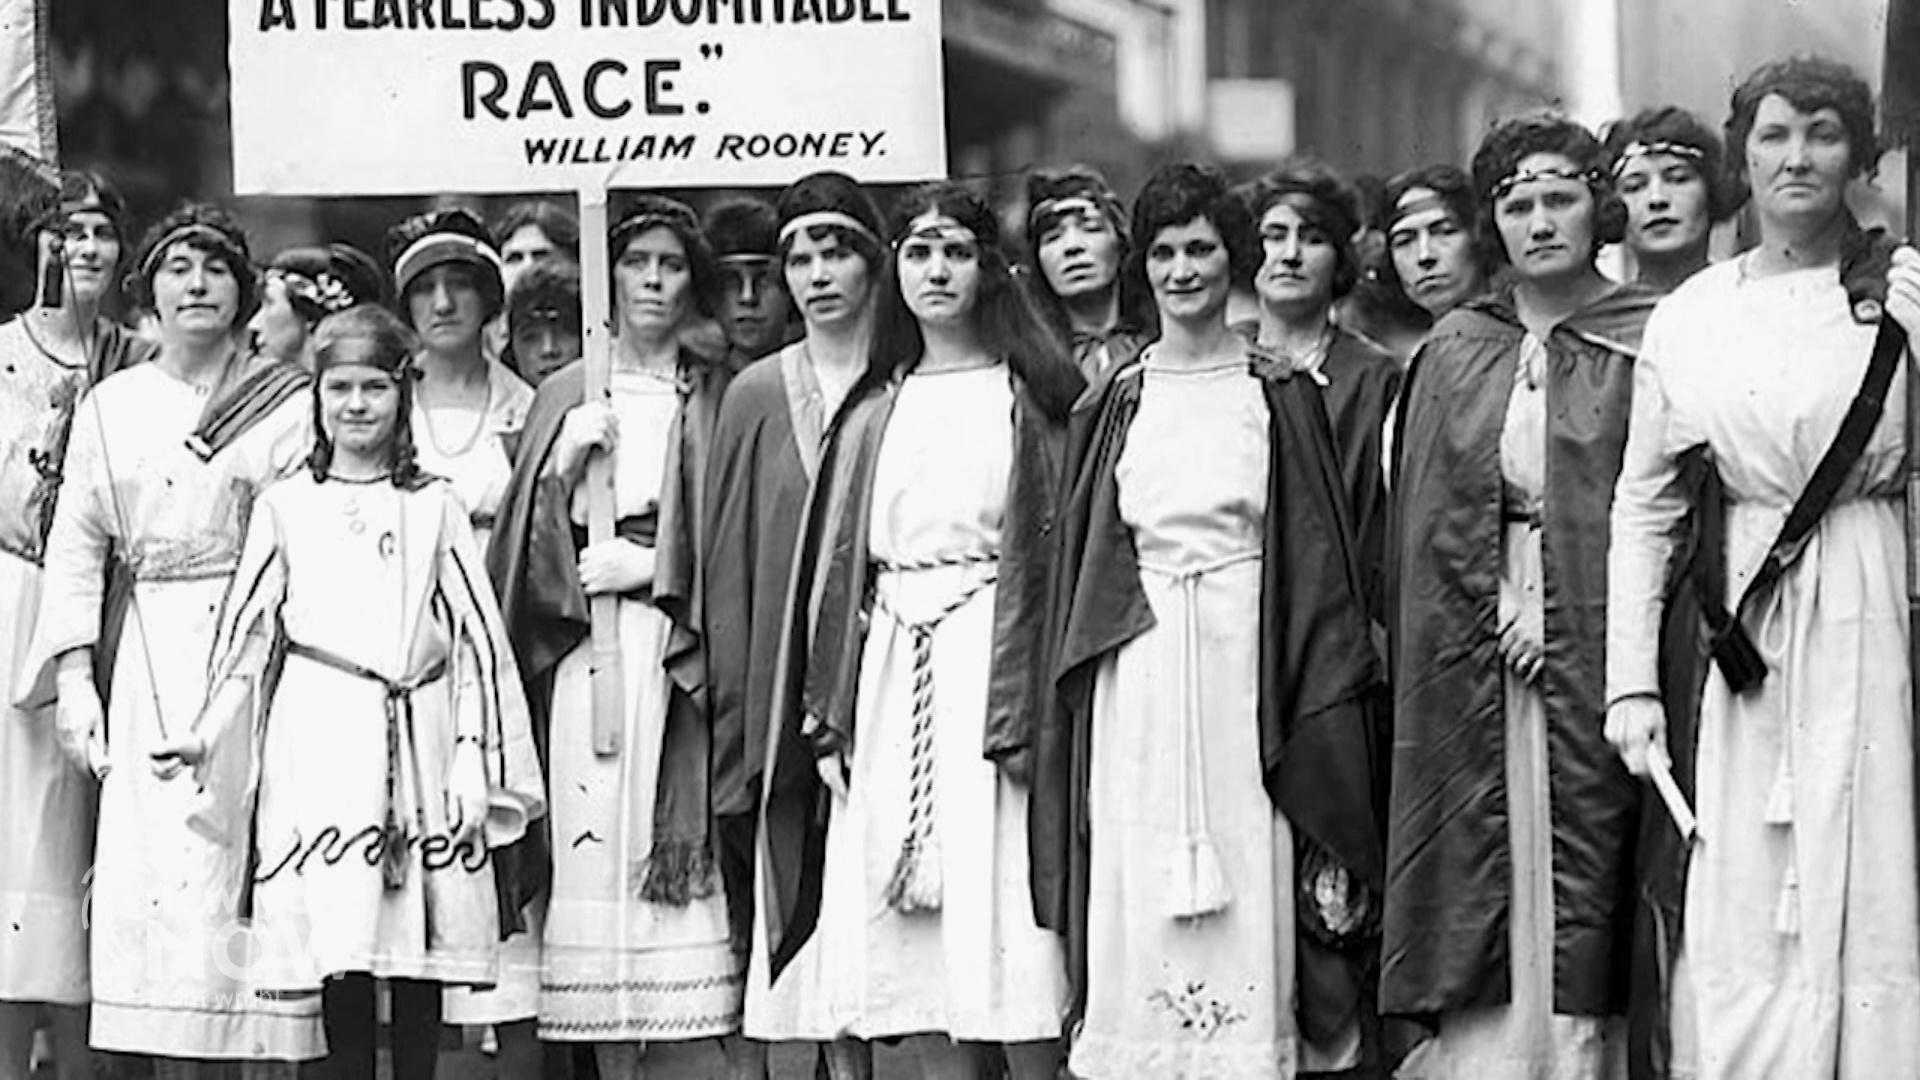 New York's Women's Rights Agenda